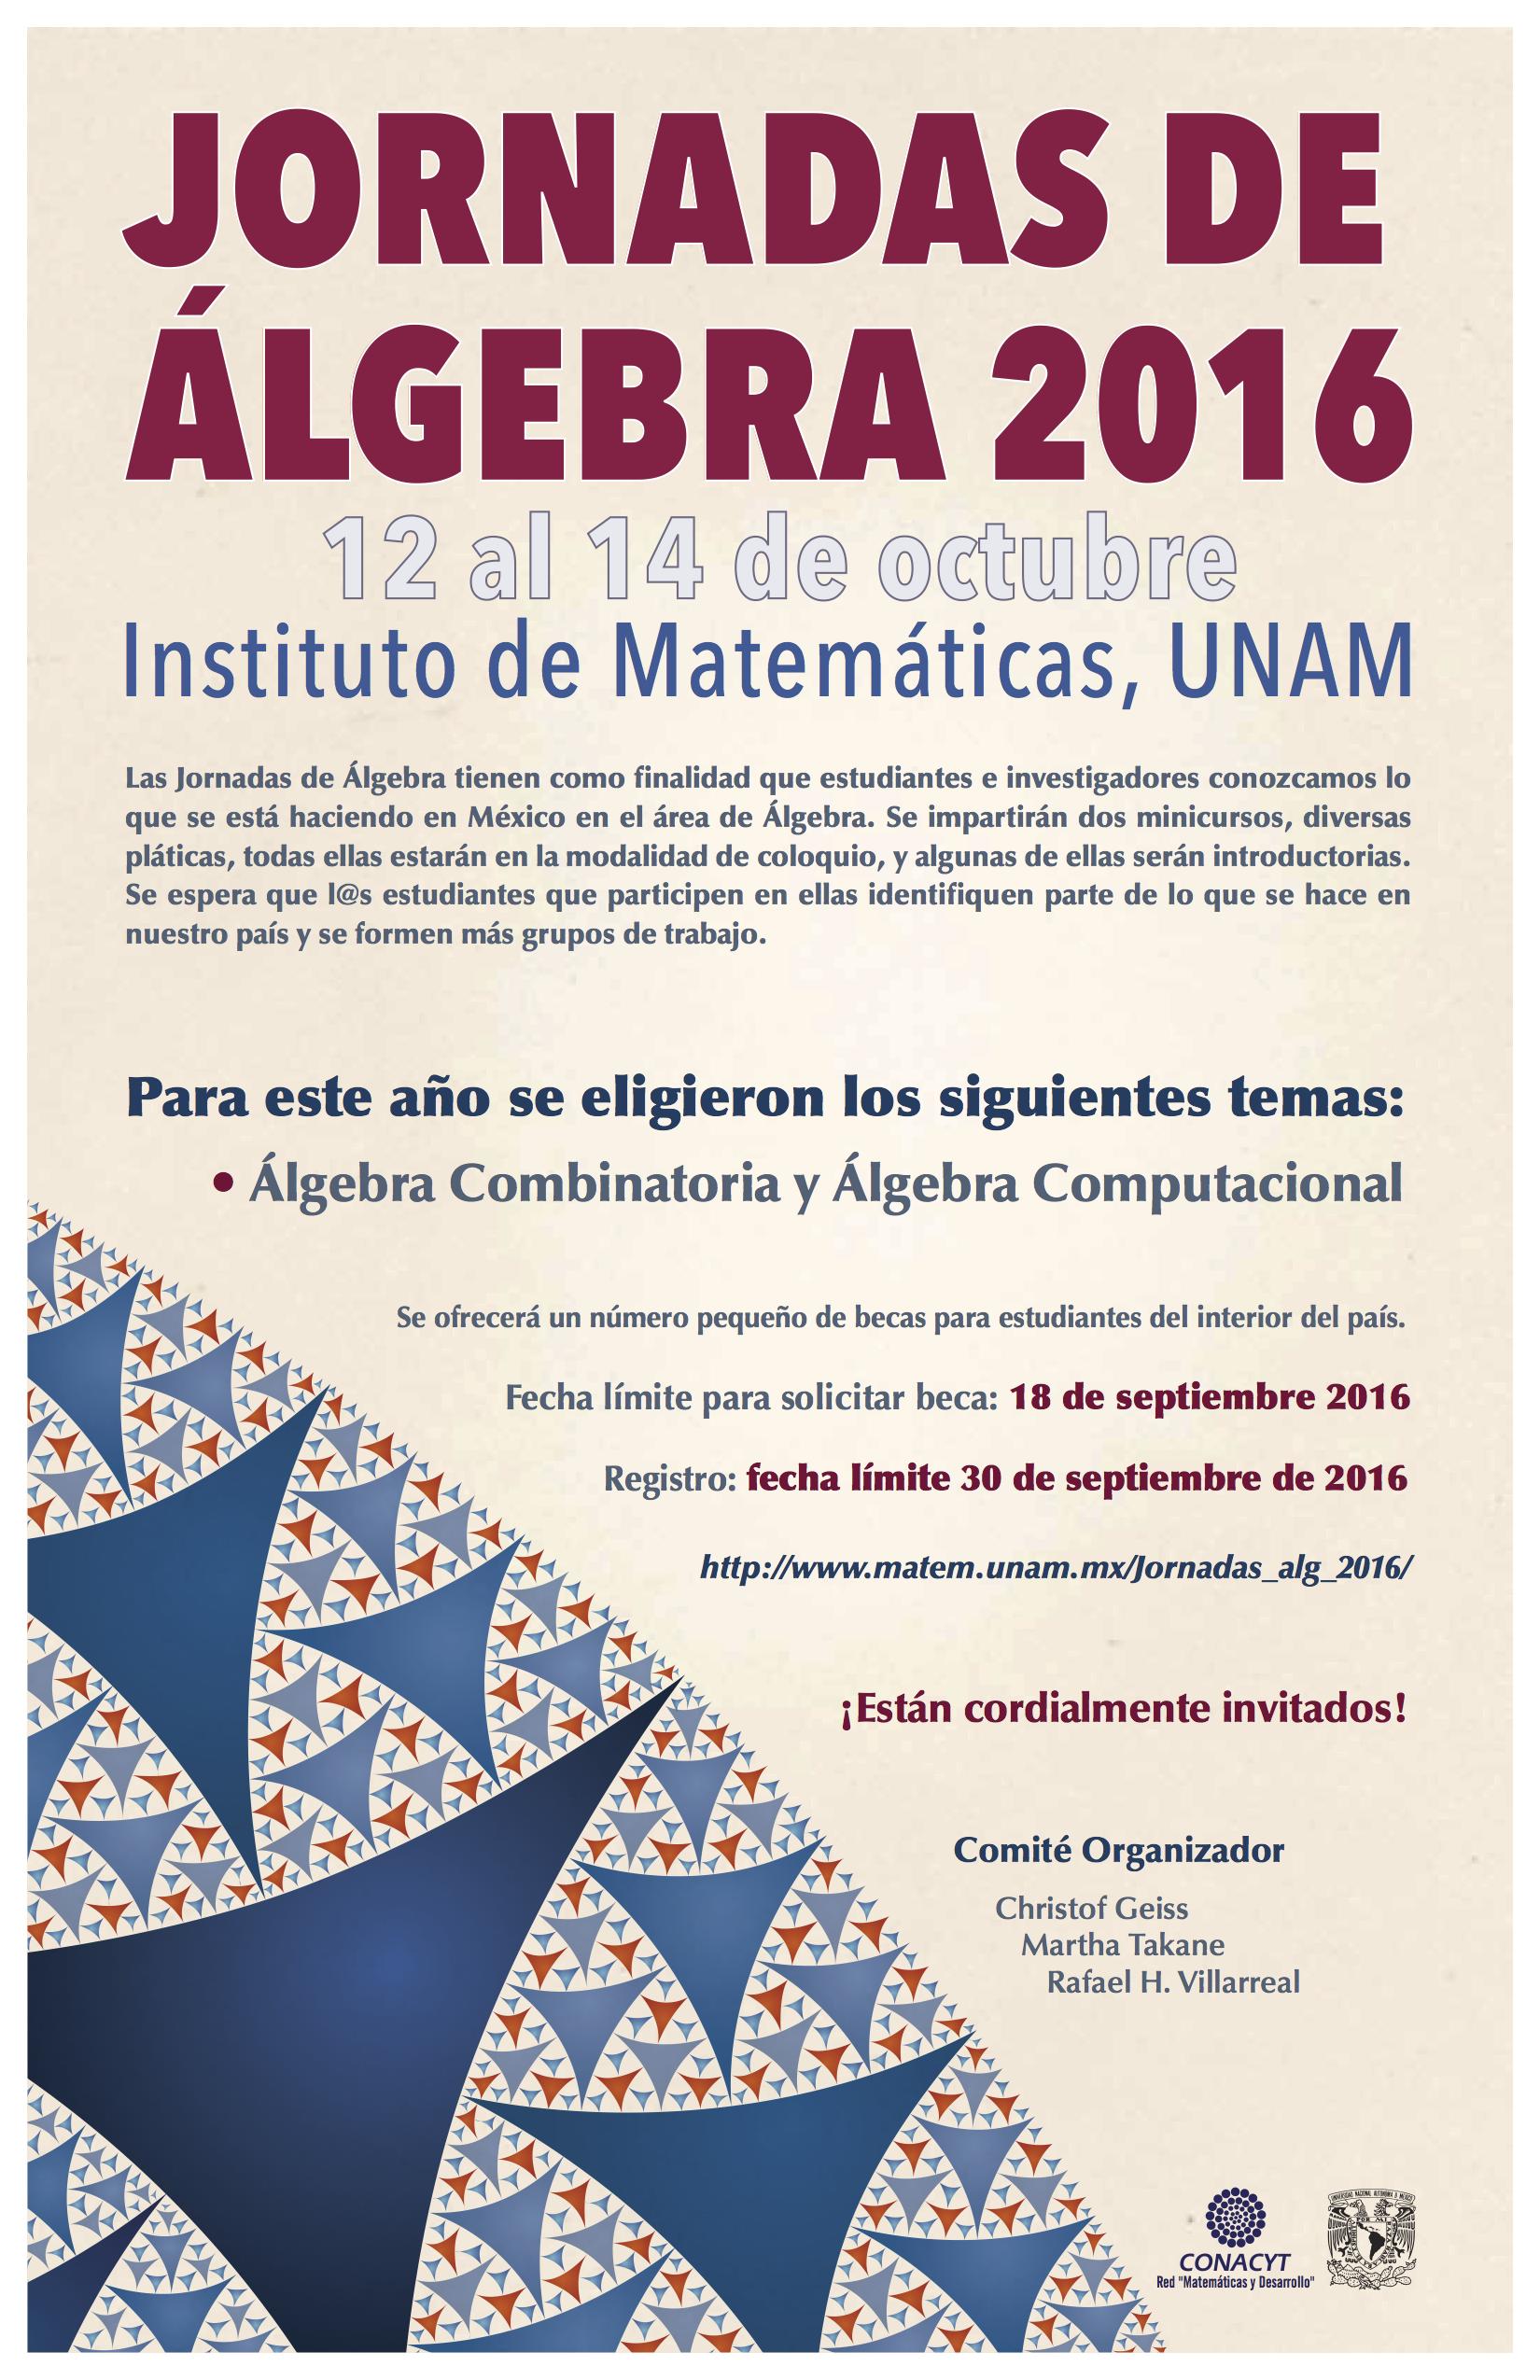 Jornadas de Álgebra de 2016